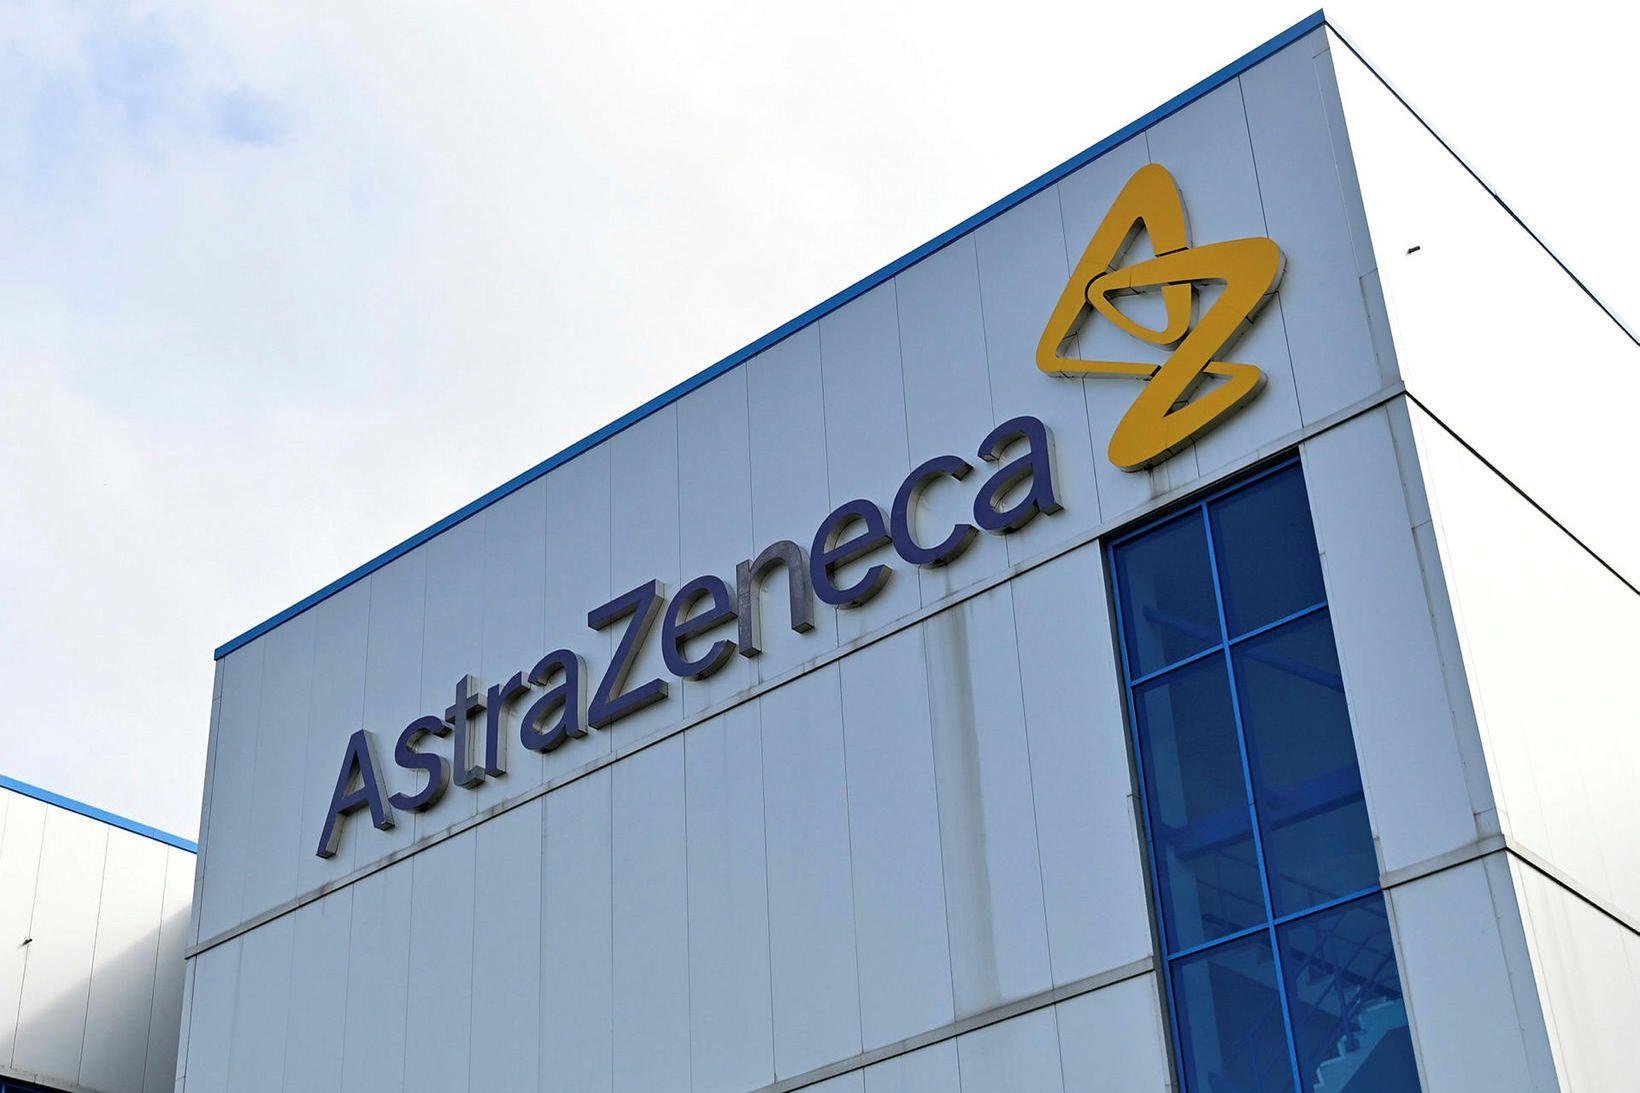 AstraZenca hefur þróað bóluefni við kórónuveirunni í samstarfi við Oxford-háskóla.